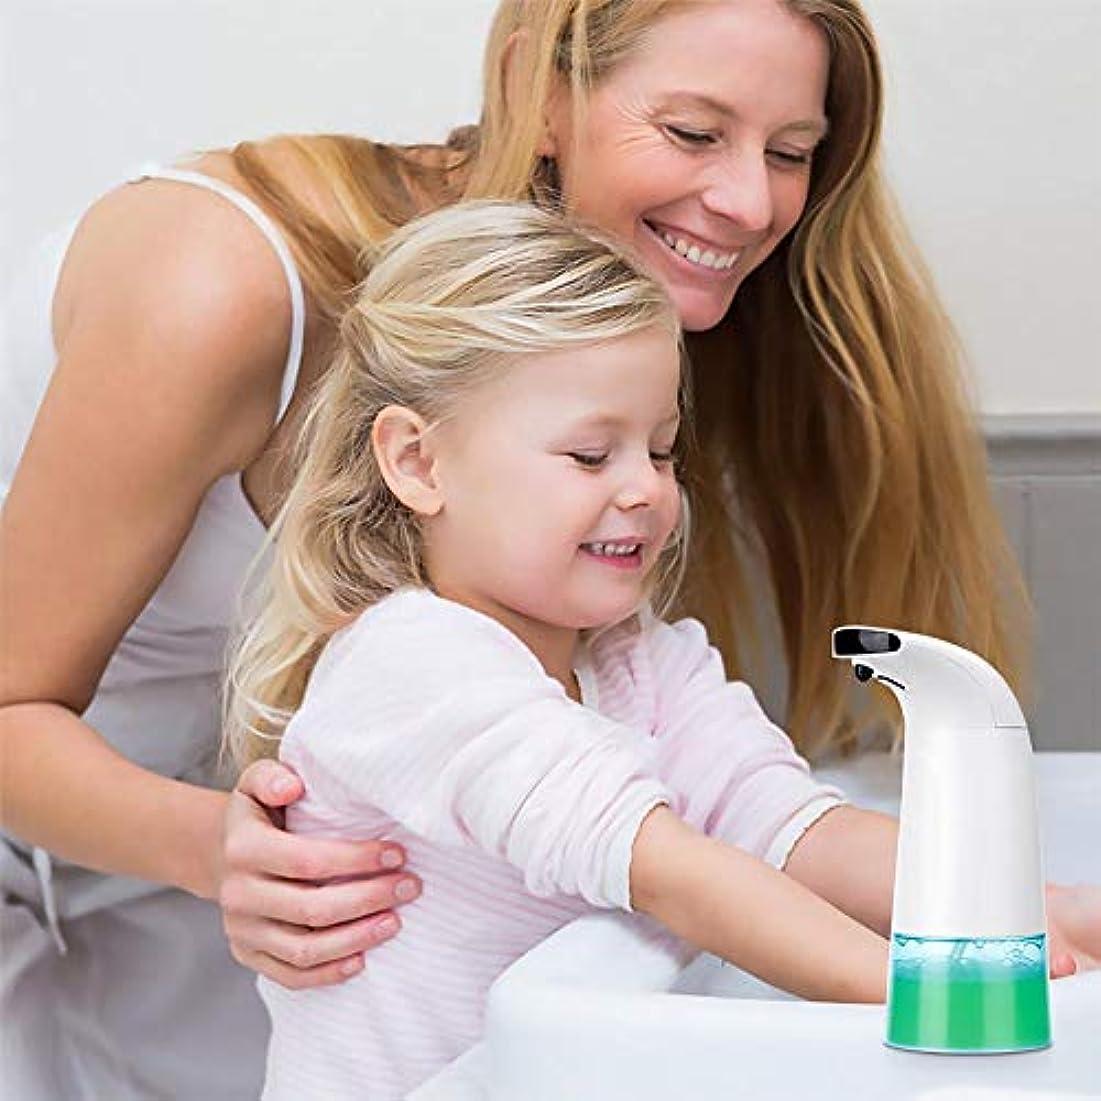 ミューズ ノータッチスマート赤外線センシング自動泡ハンドソープ 殺菌 消毒 漏れ防止設計 キッチントイレ用